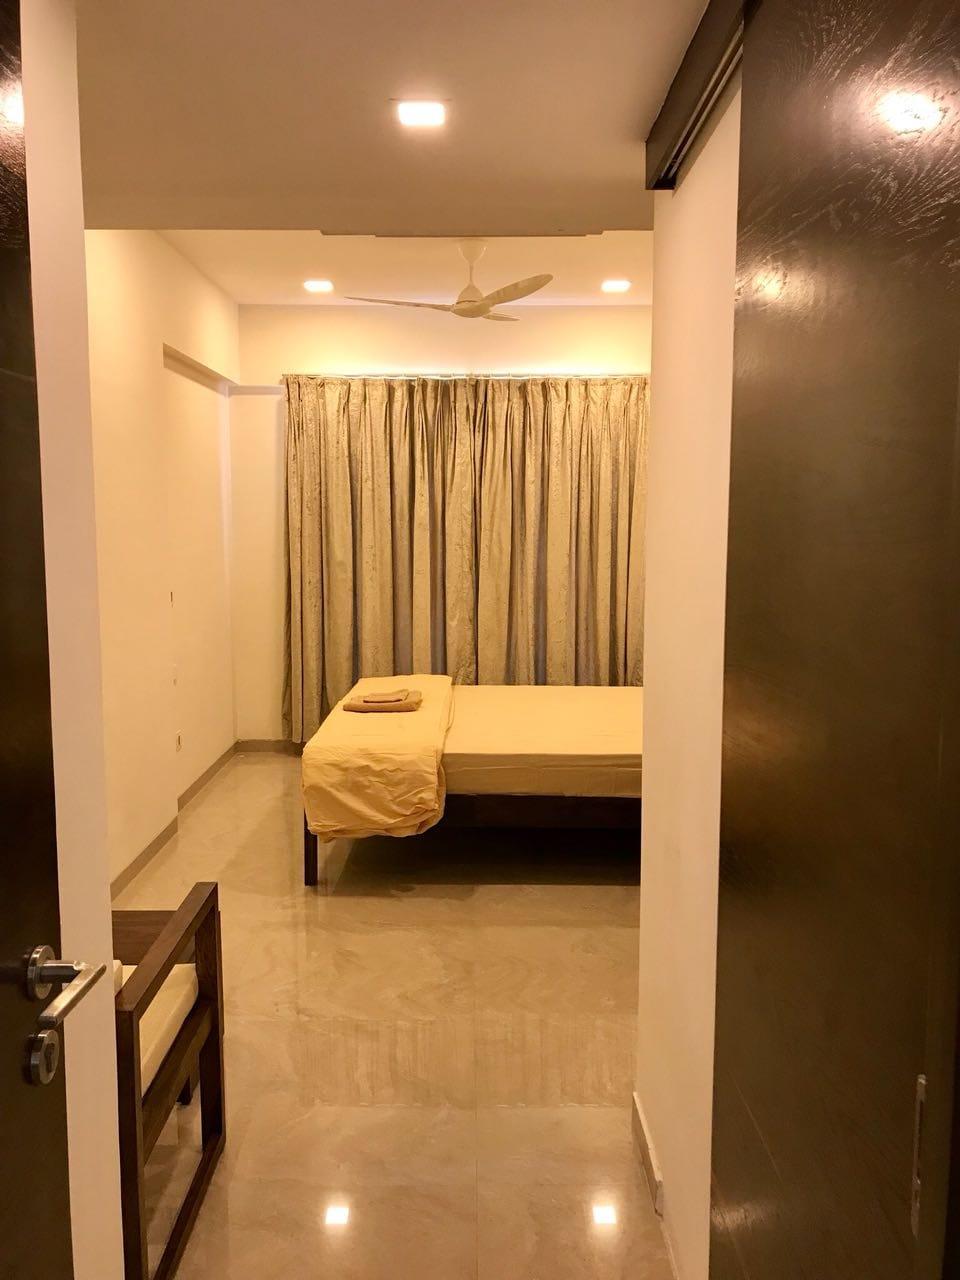 Premium 1BHK Apartment In Bandra West